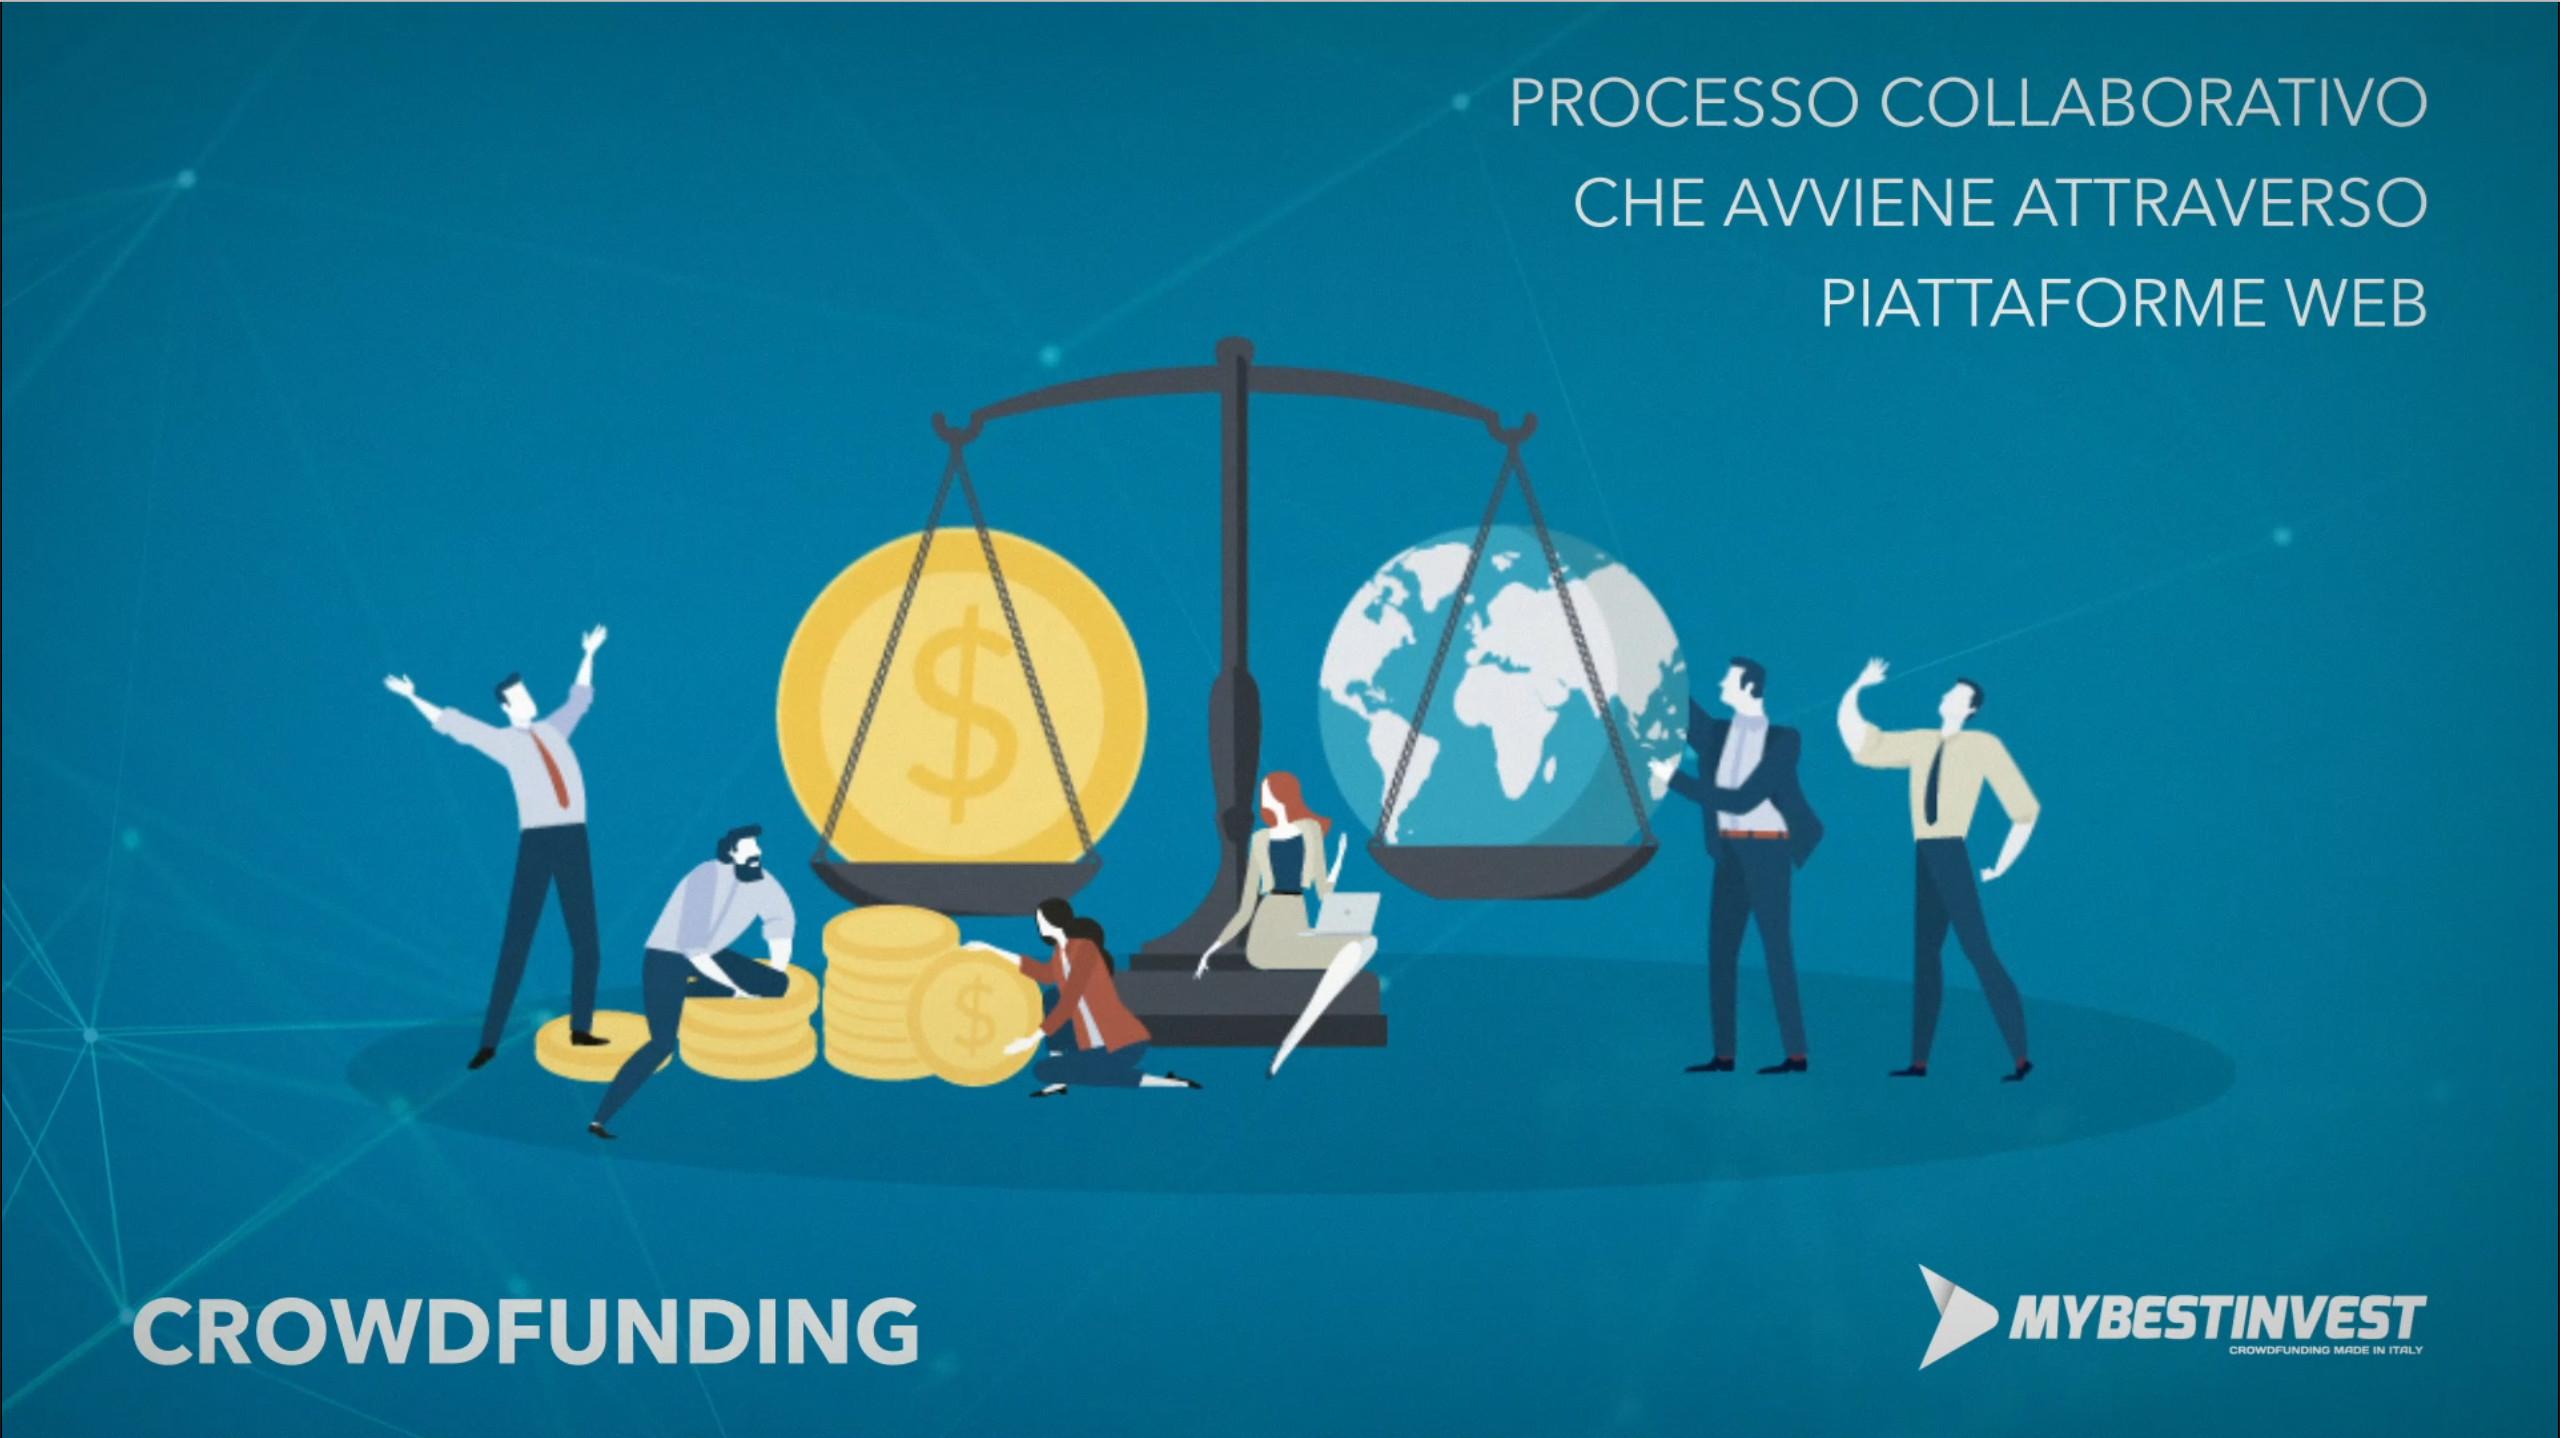 Processo collaborativo che avviene attraverso piattaforme web